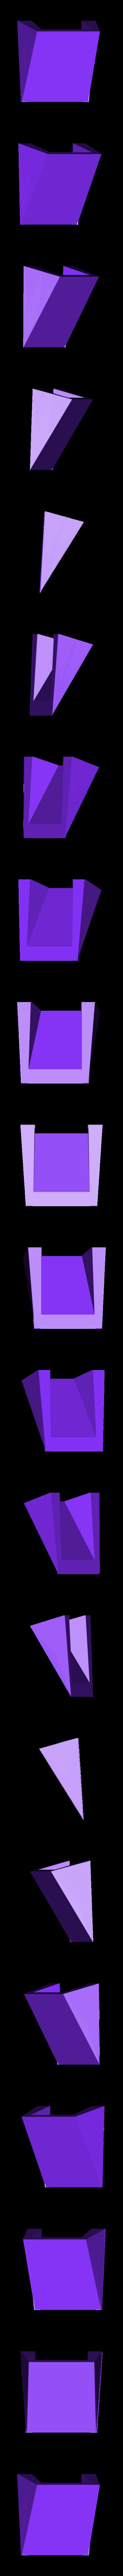 canopy v2 window pt2.stl Download free STL file TRANSFORMERS G1 ROTORSTORM ARTICULATION UPGRADE KIT • 3D printable design, sickofyou